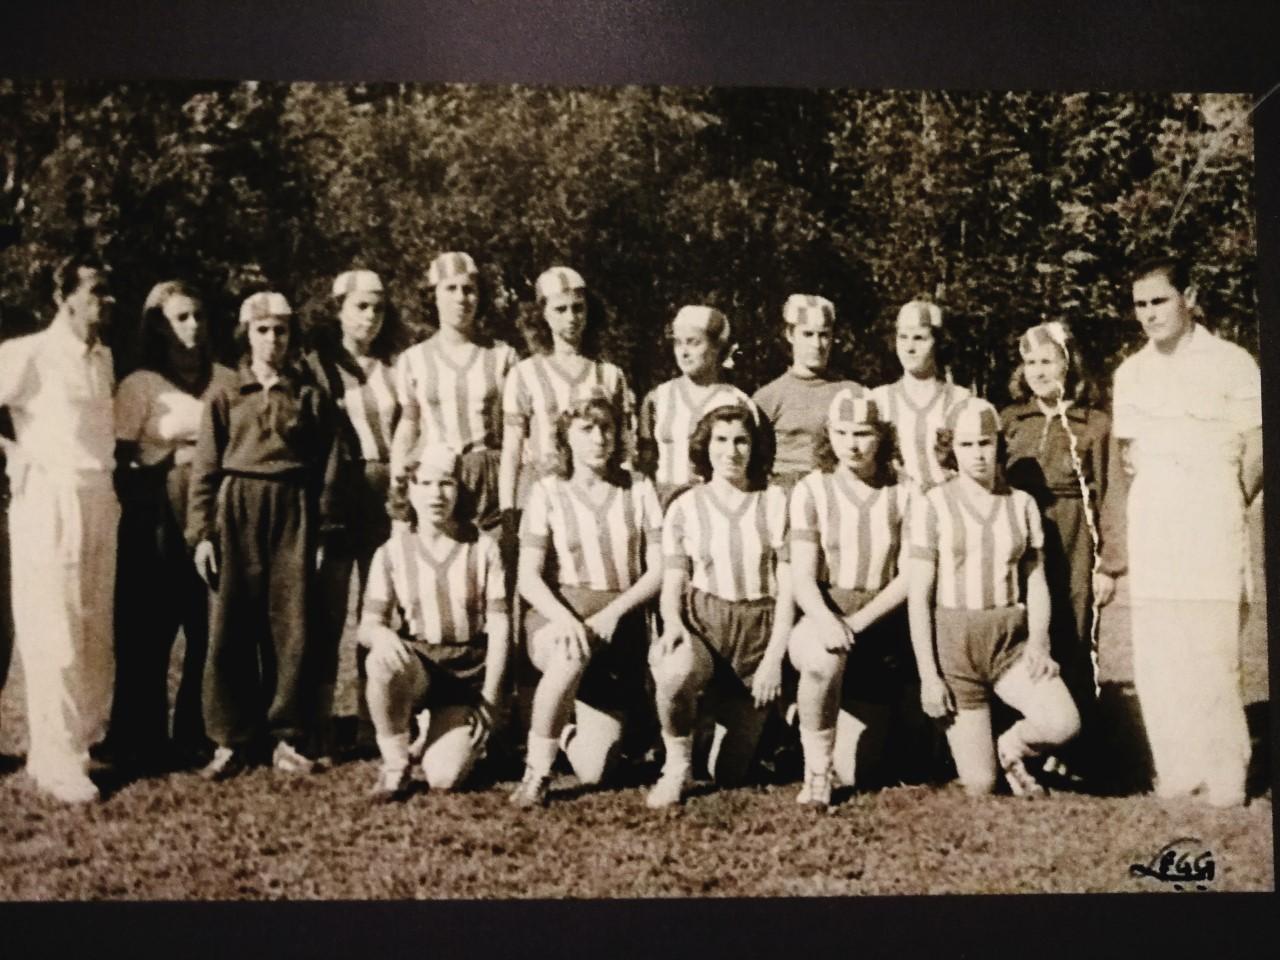 Equipo de Cassino Realengo antes de jugar contra el Sport Club Brasileiro en el partido preliminar entre São Paulo y Flamengo, 17 de mayo de 1940.